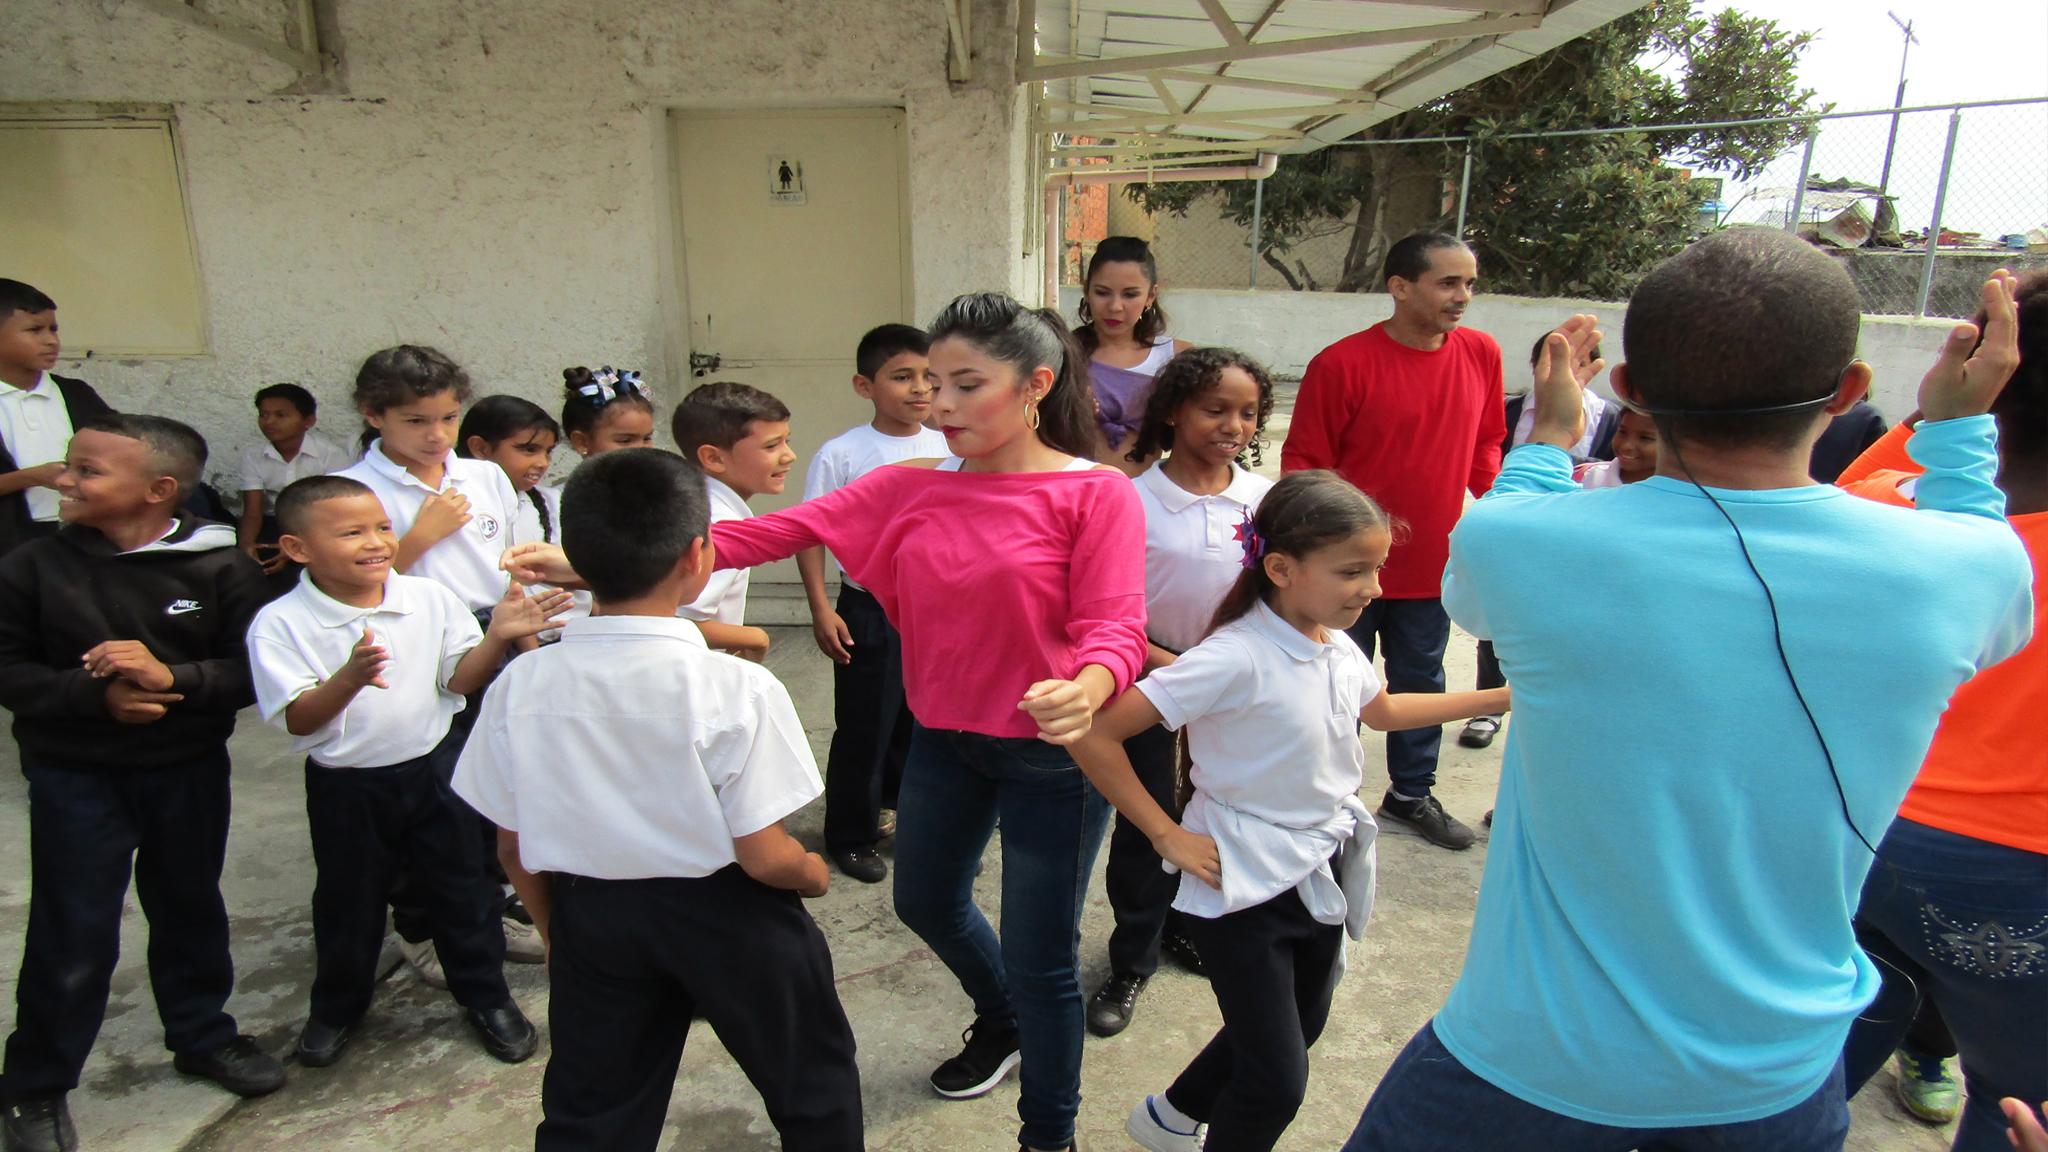 Niños bailando en el patio del colegio durante el taller